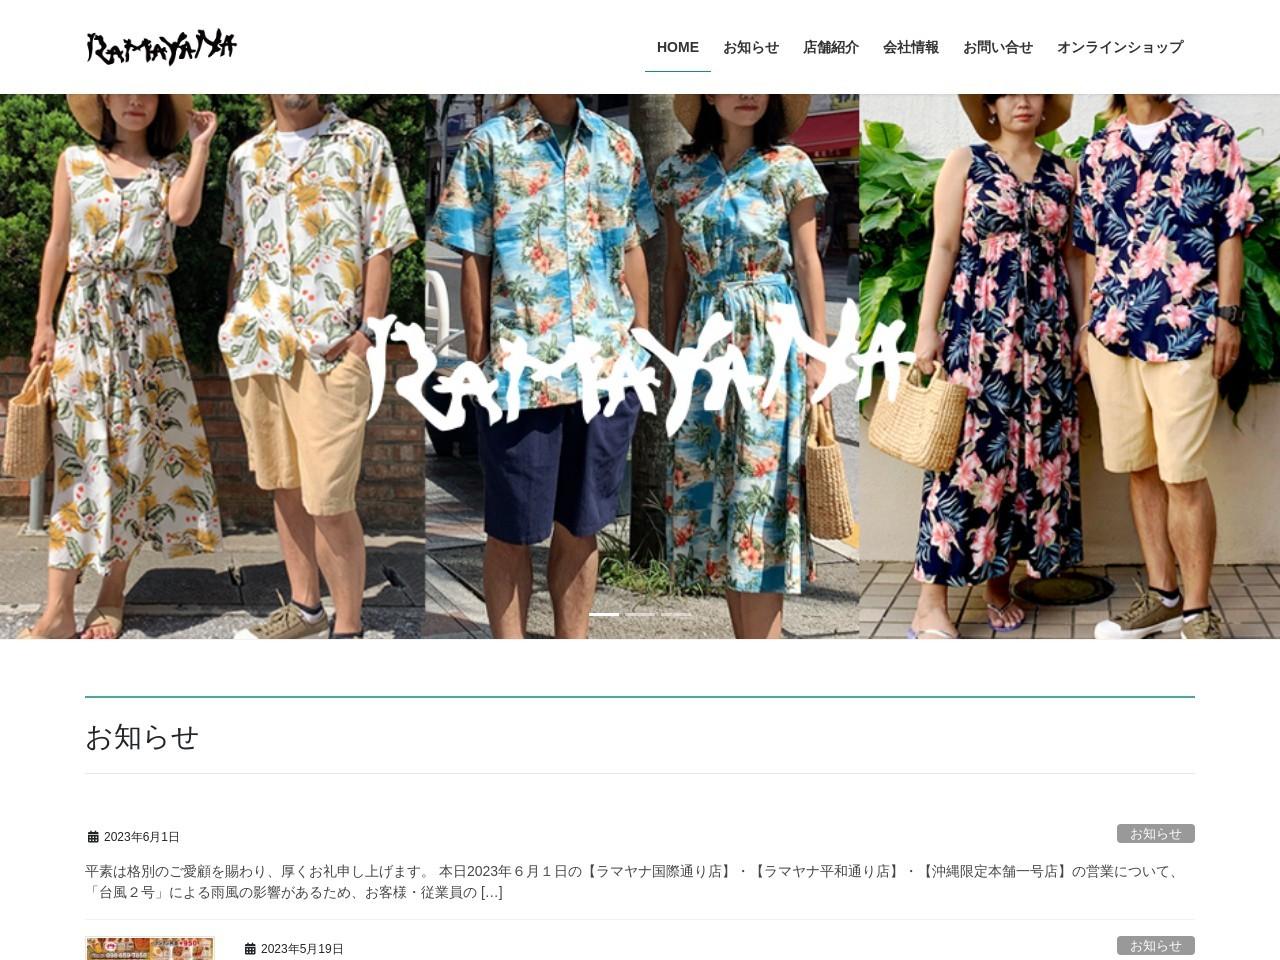 トップページ|アジアン雑貨直輸入販売なら、沖縄のアジアンマーケットラマヤナ